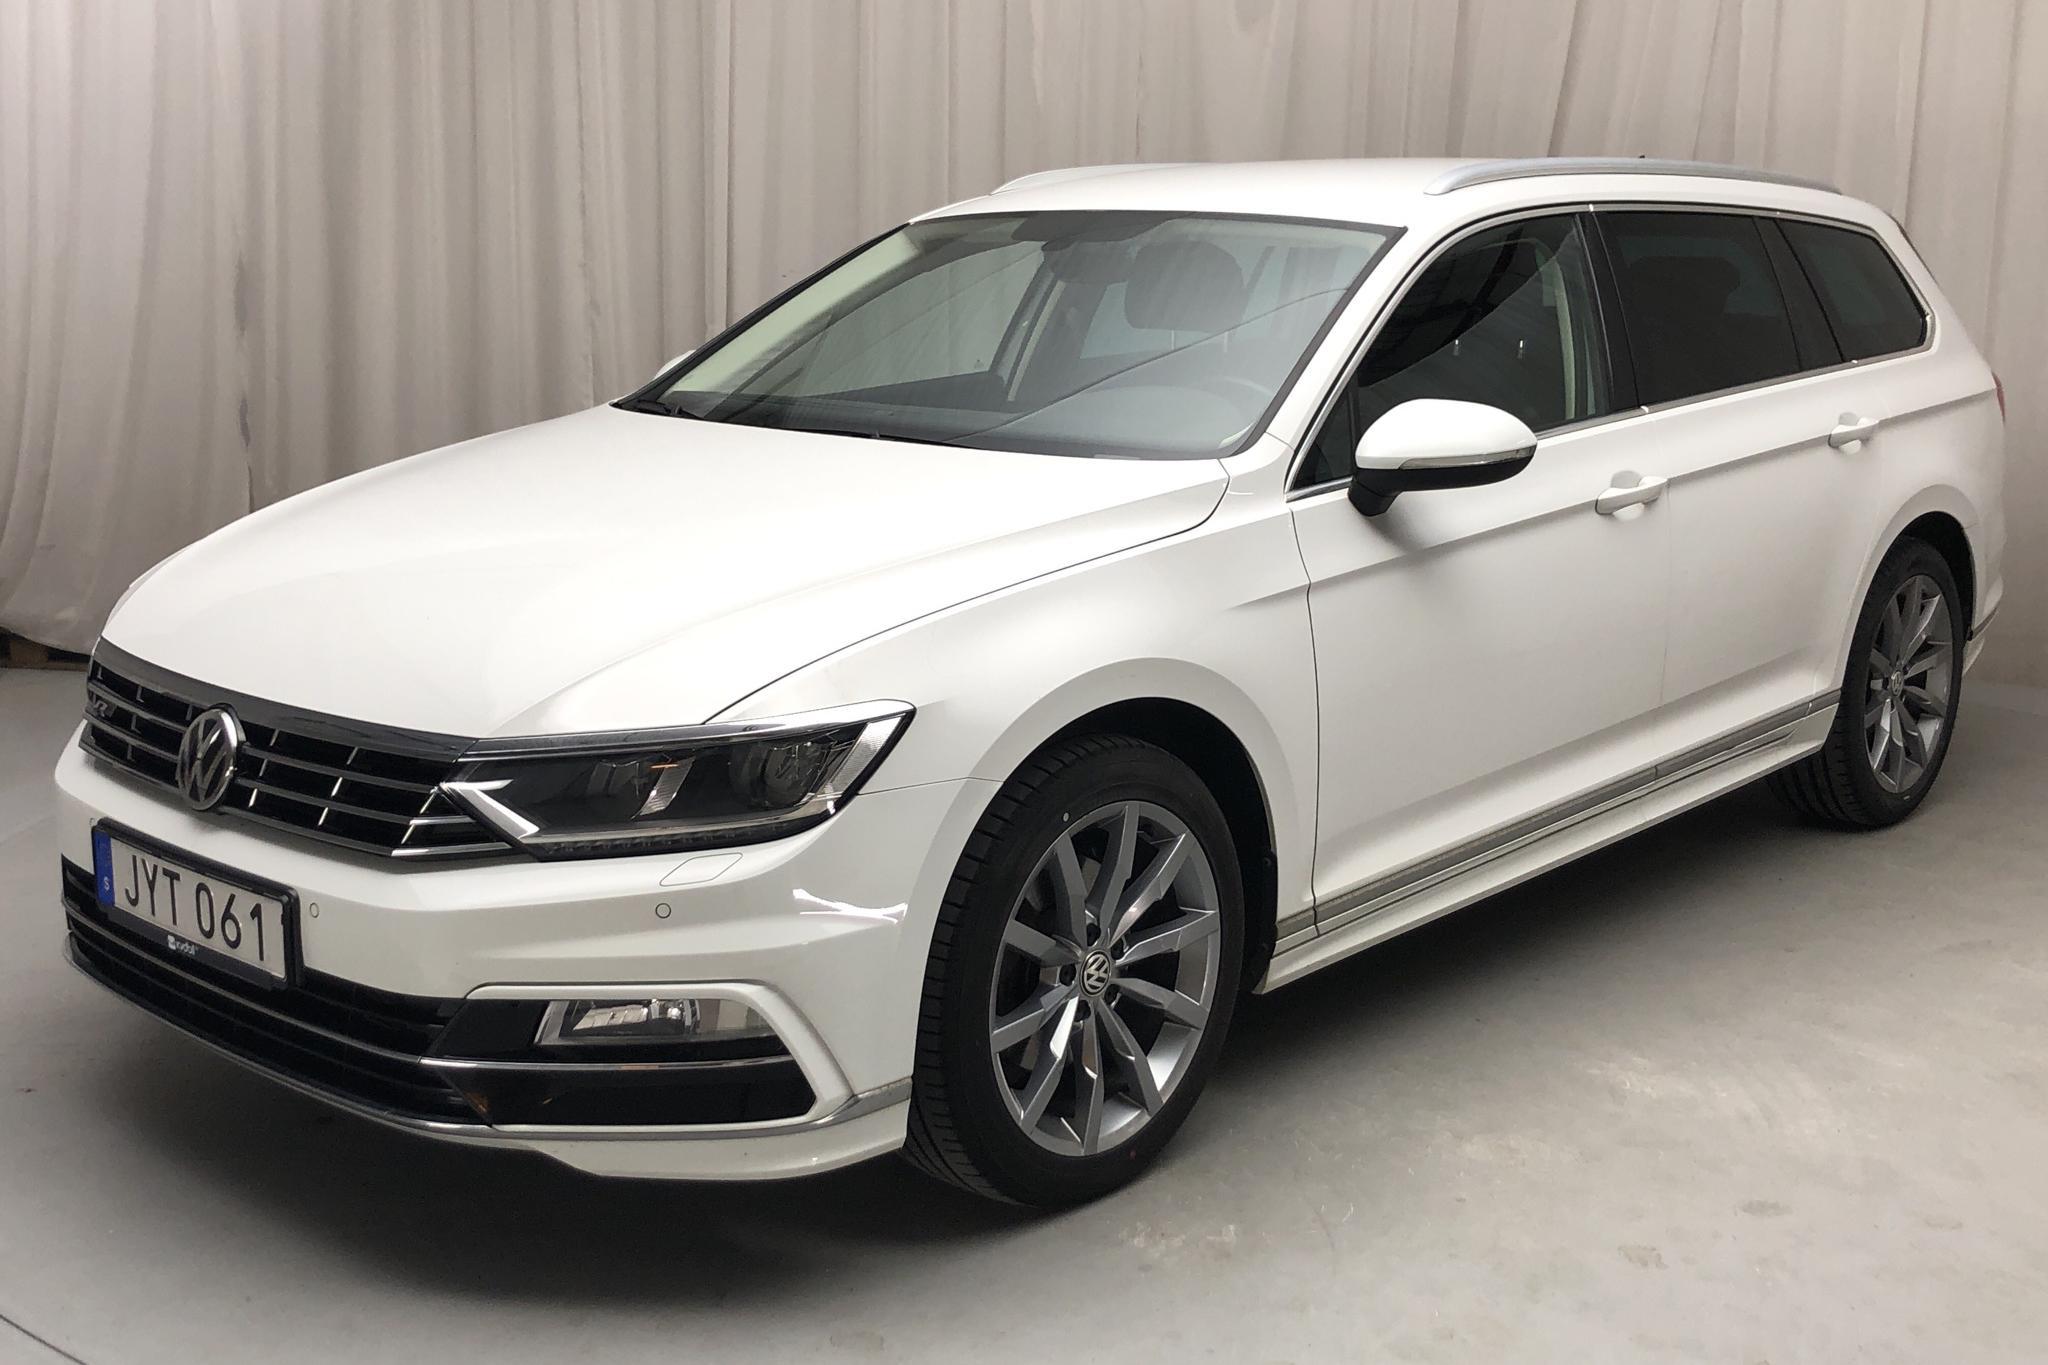 VW Passat 2.0 TDI Sportscombi (190hk) - 12 179 mil - Automat - vit - 2017